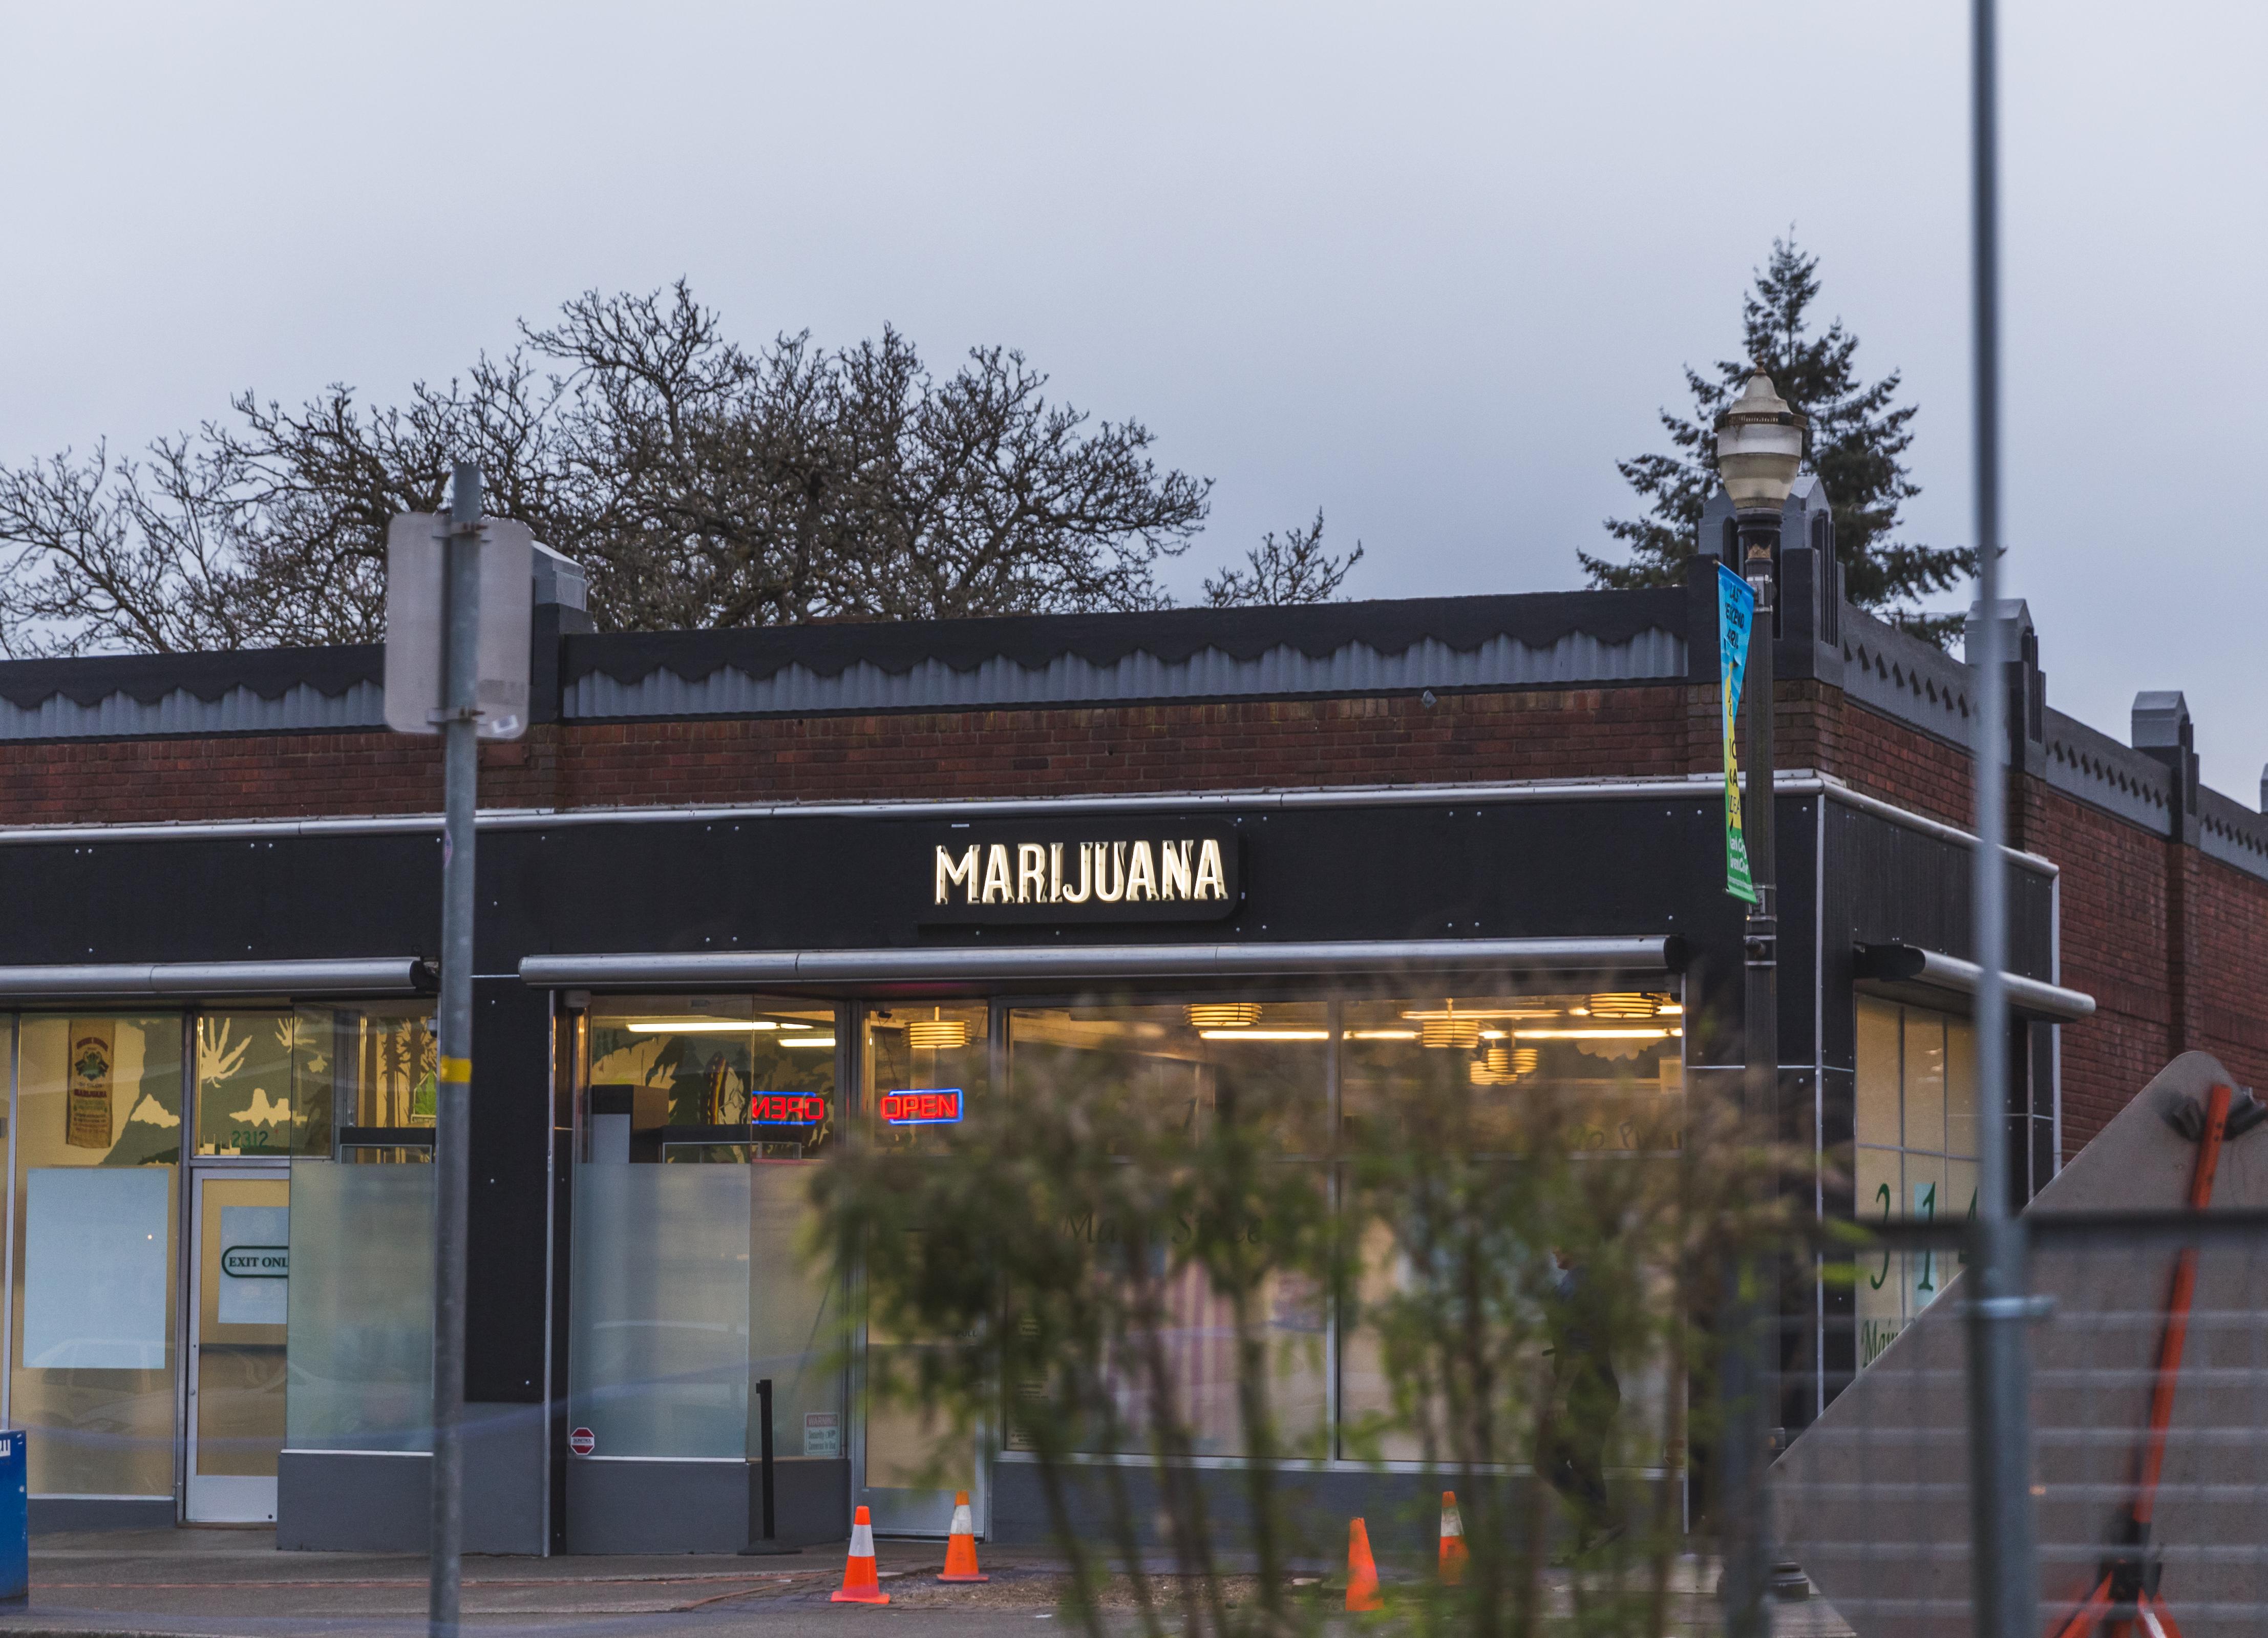 shutterstock_618227249 _ Building with marijuana